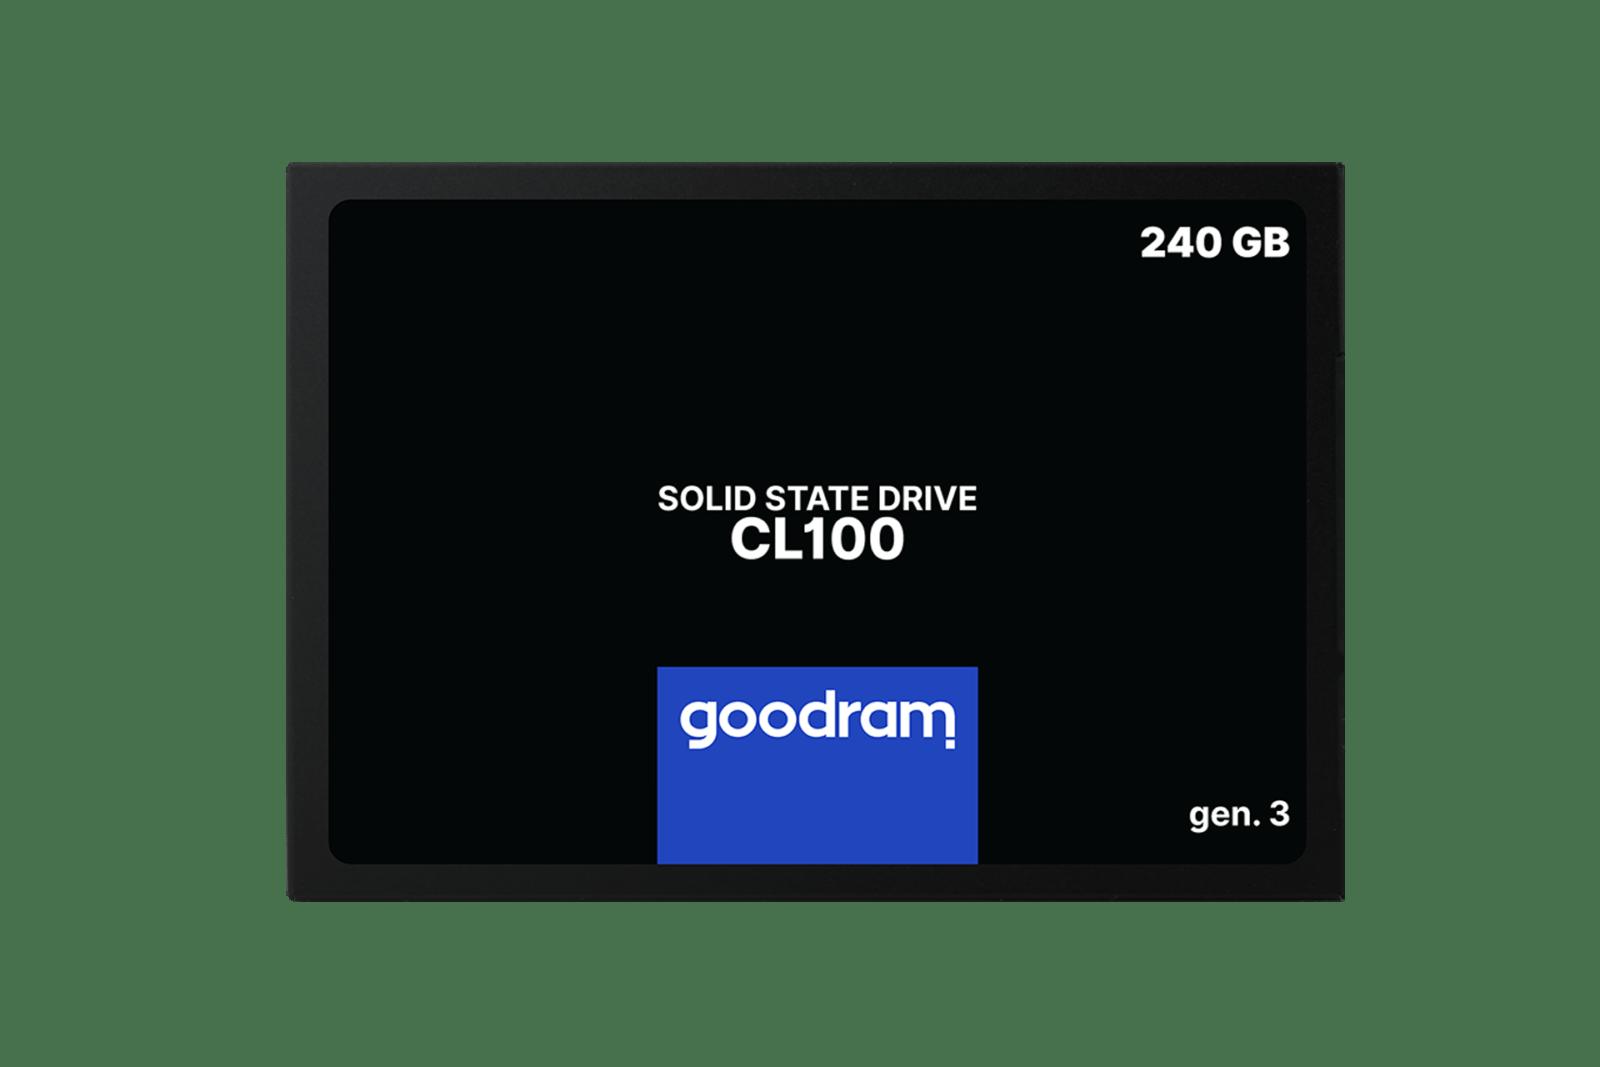 cl100-gen3_240GB